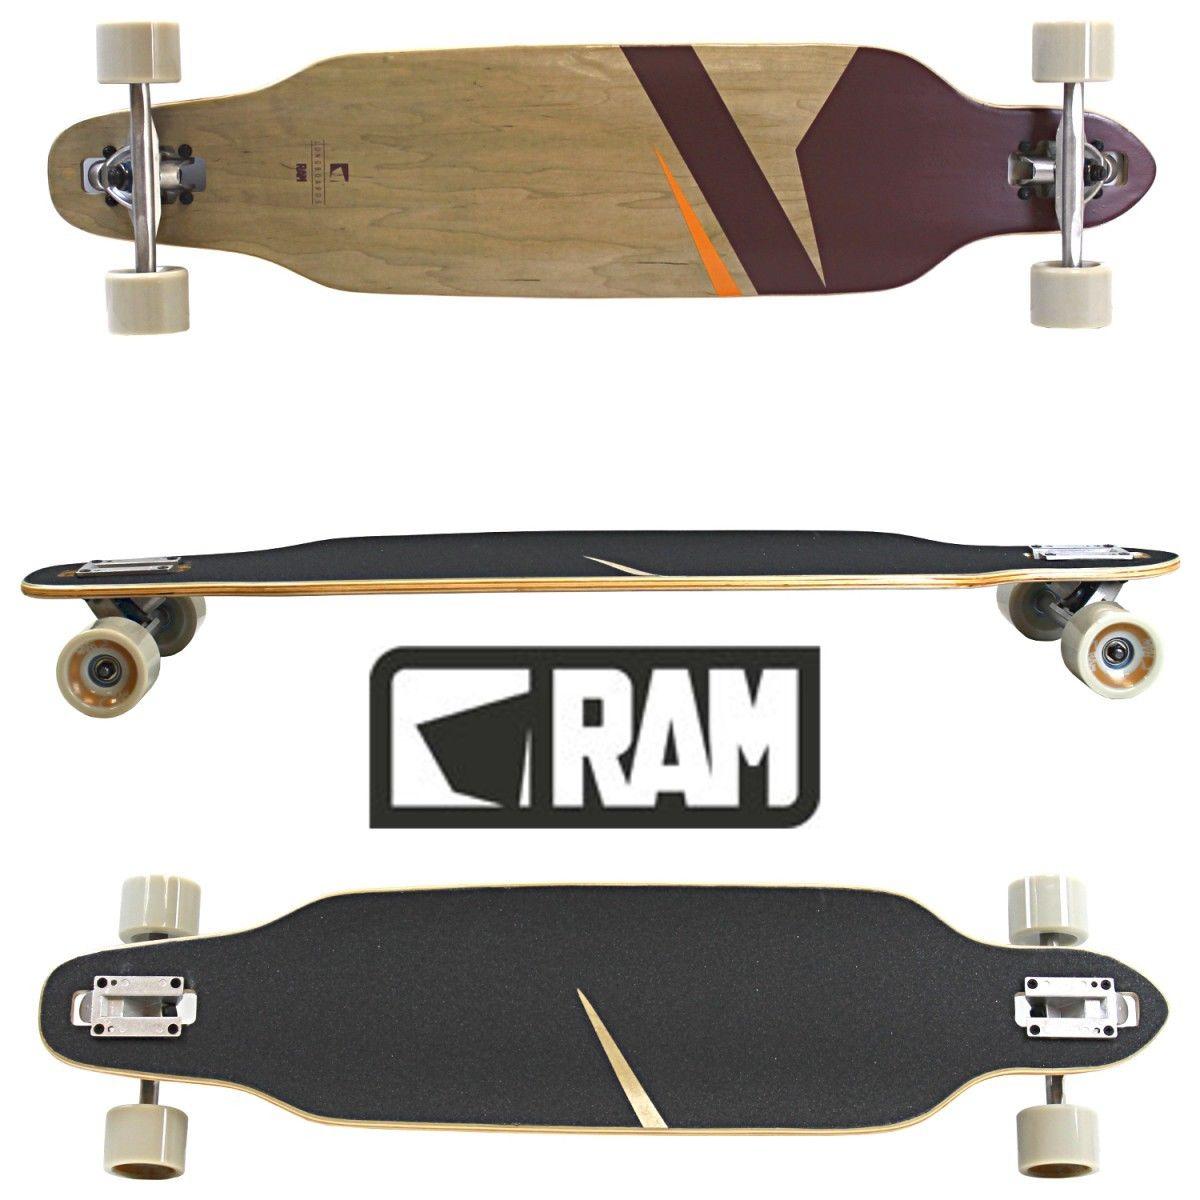 RAM Longboard verschiedene Modelle für 29,99€